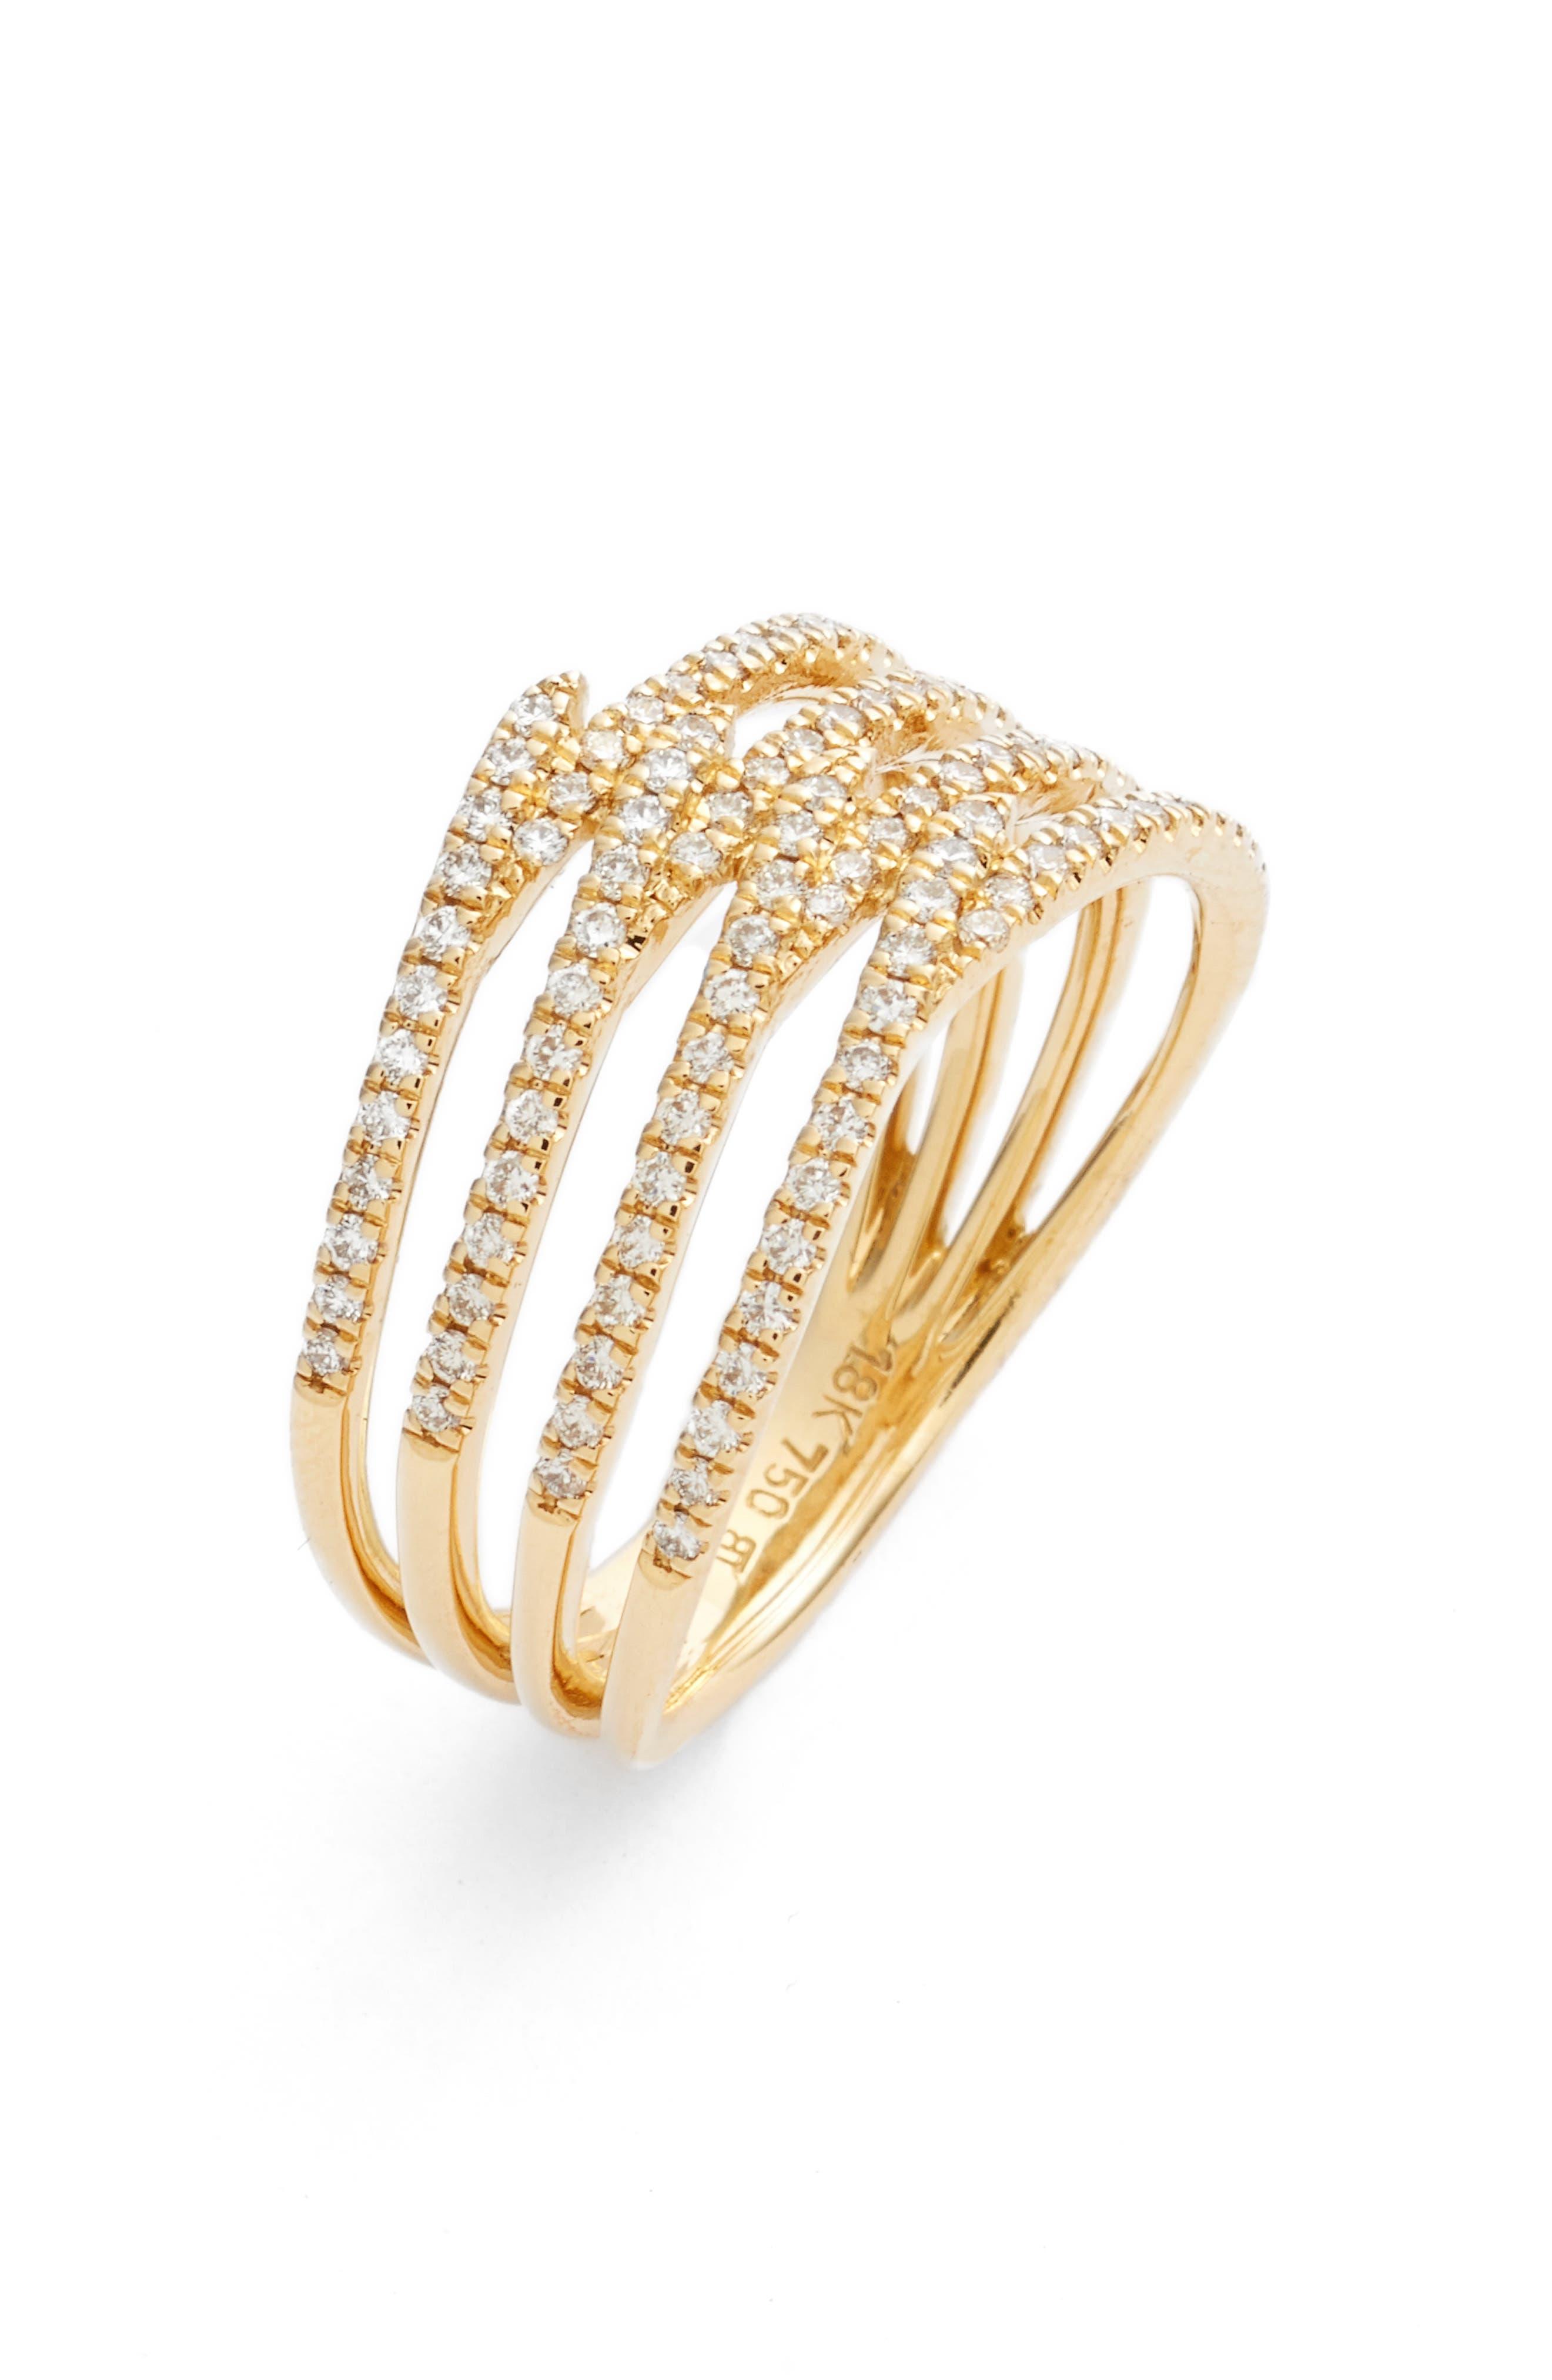 Kiera Four-Row Diamond Ring,                             Main thumbnail 1, color,                             YELLOW GOLD